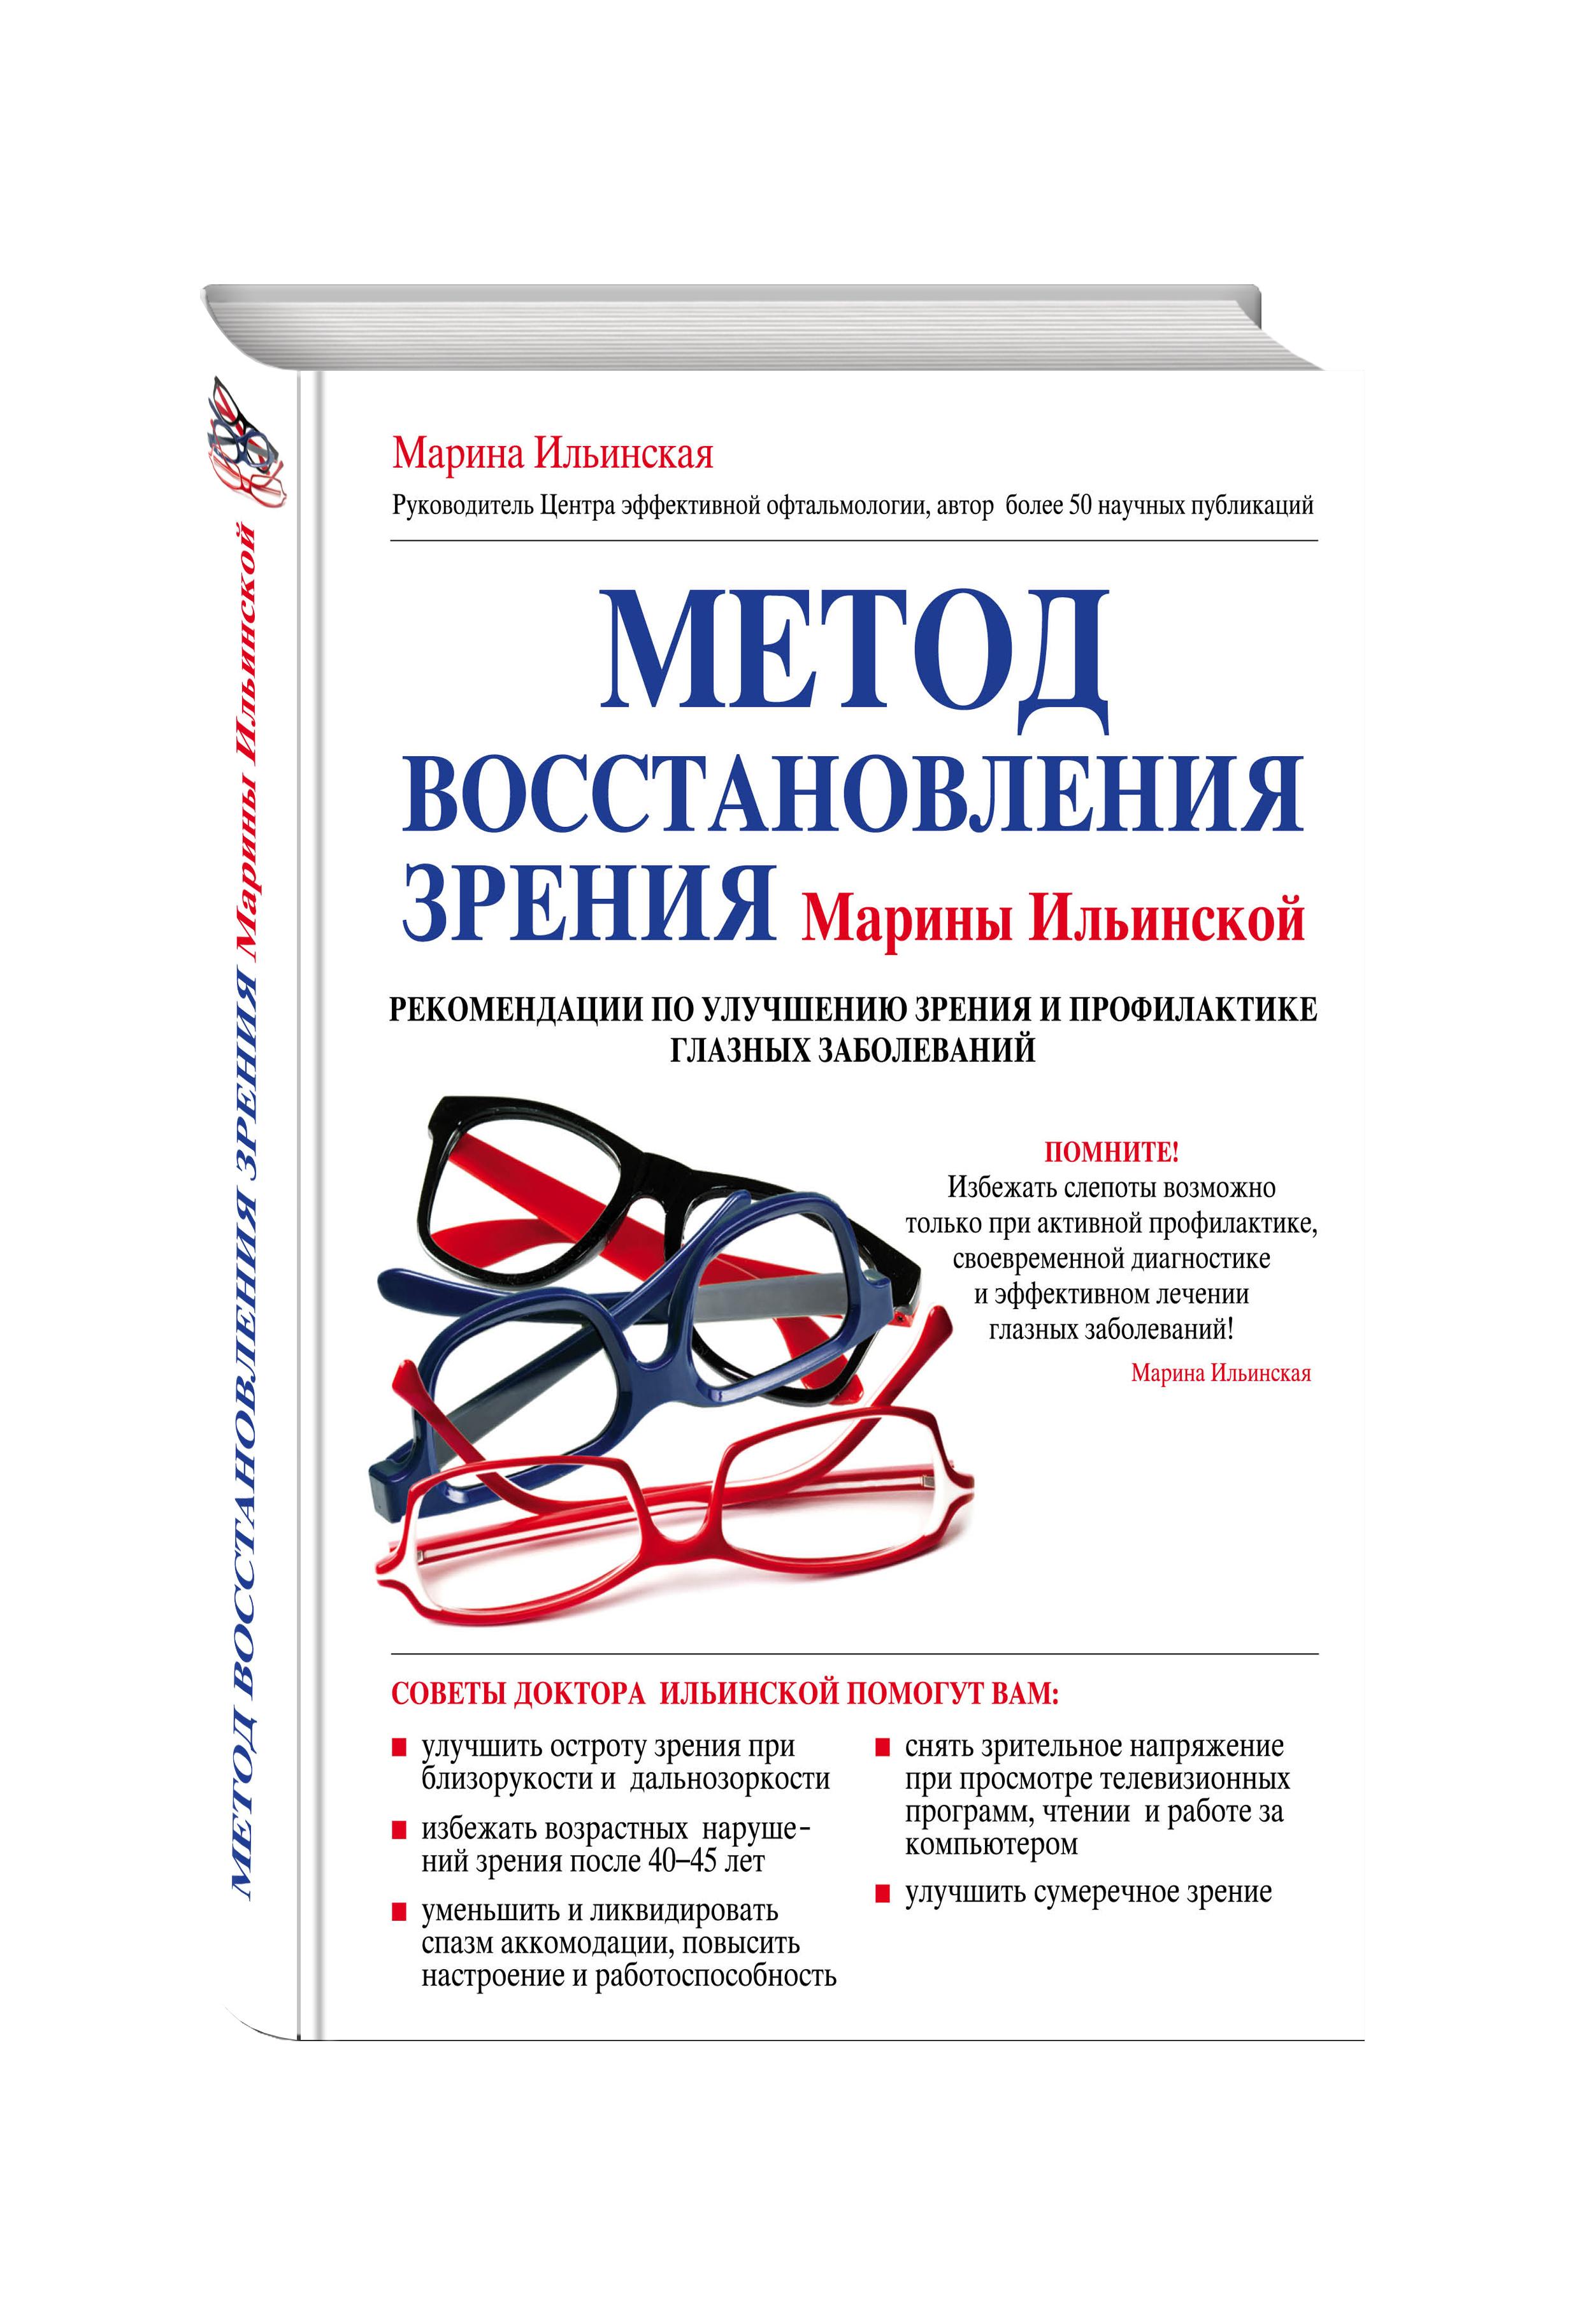 Метод восстановления зрения Марины Ильинской.Рекомендации по улучшению зрения и профилактике глазных заболеваний